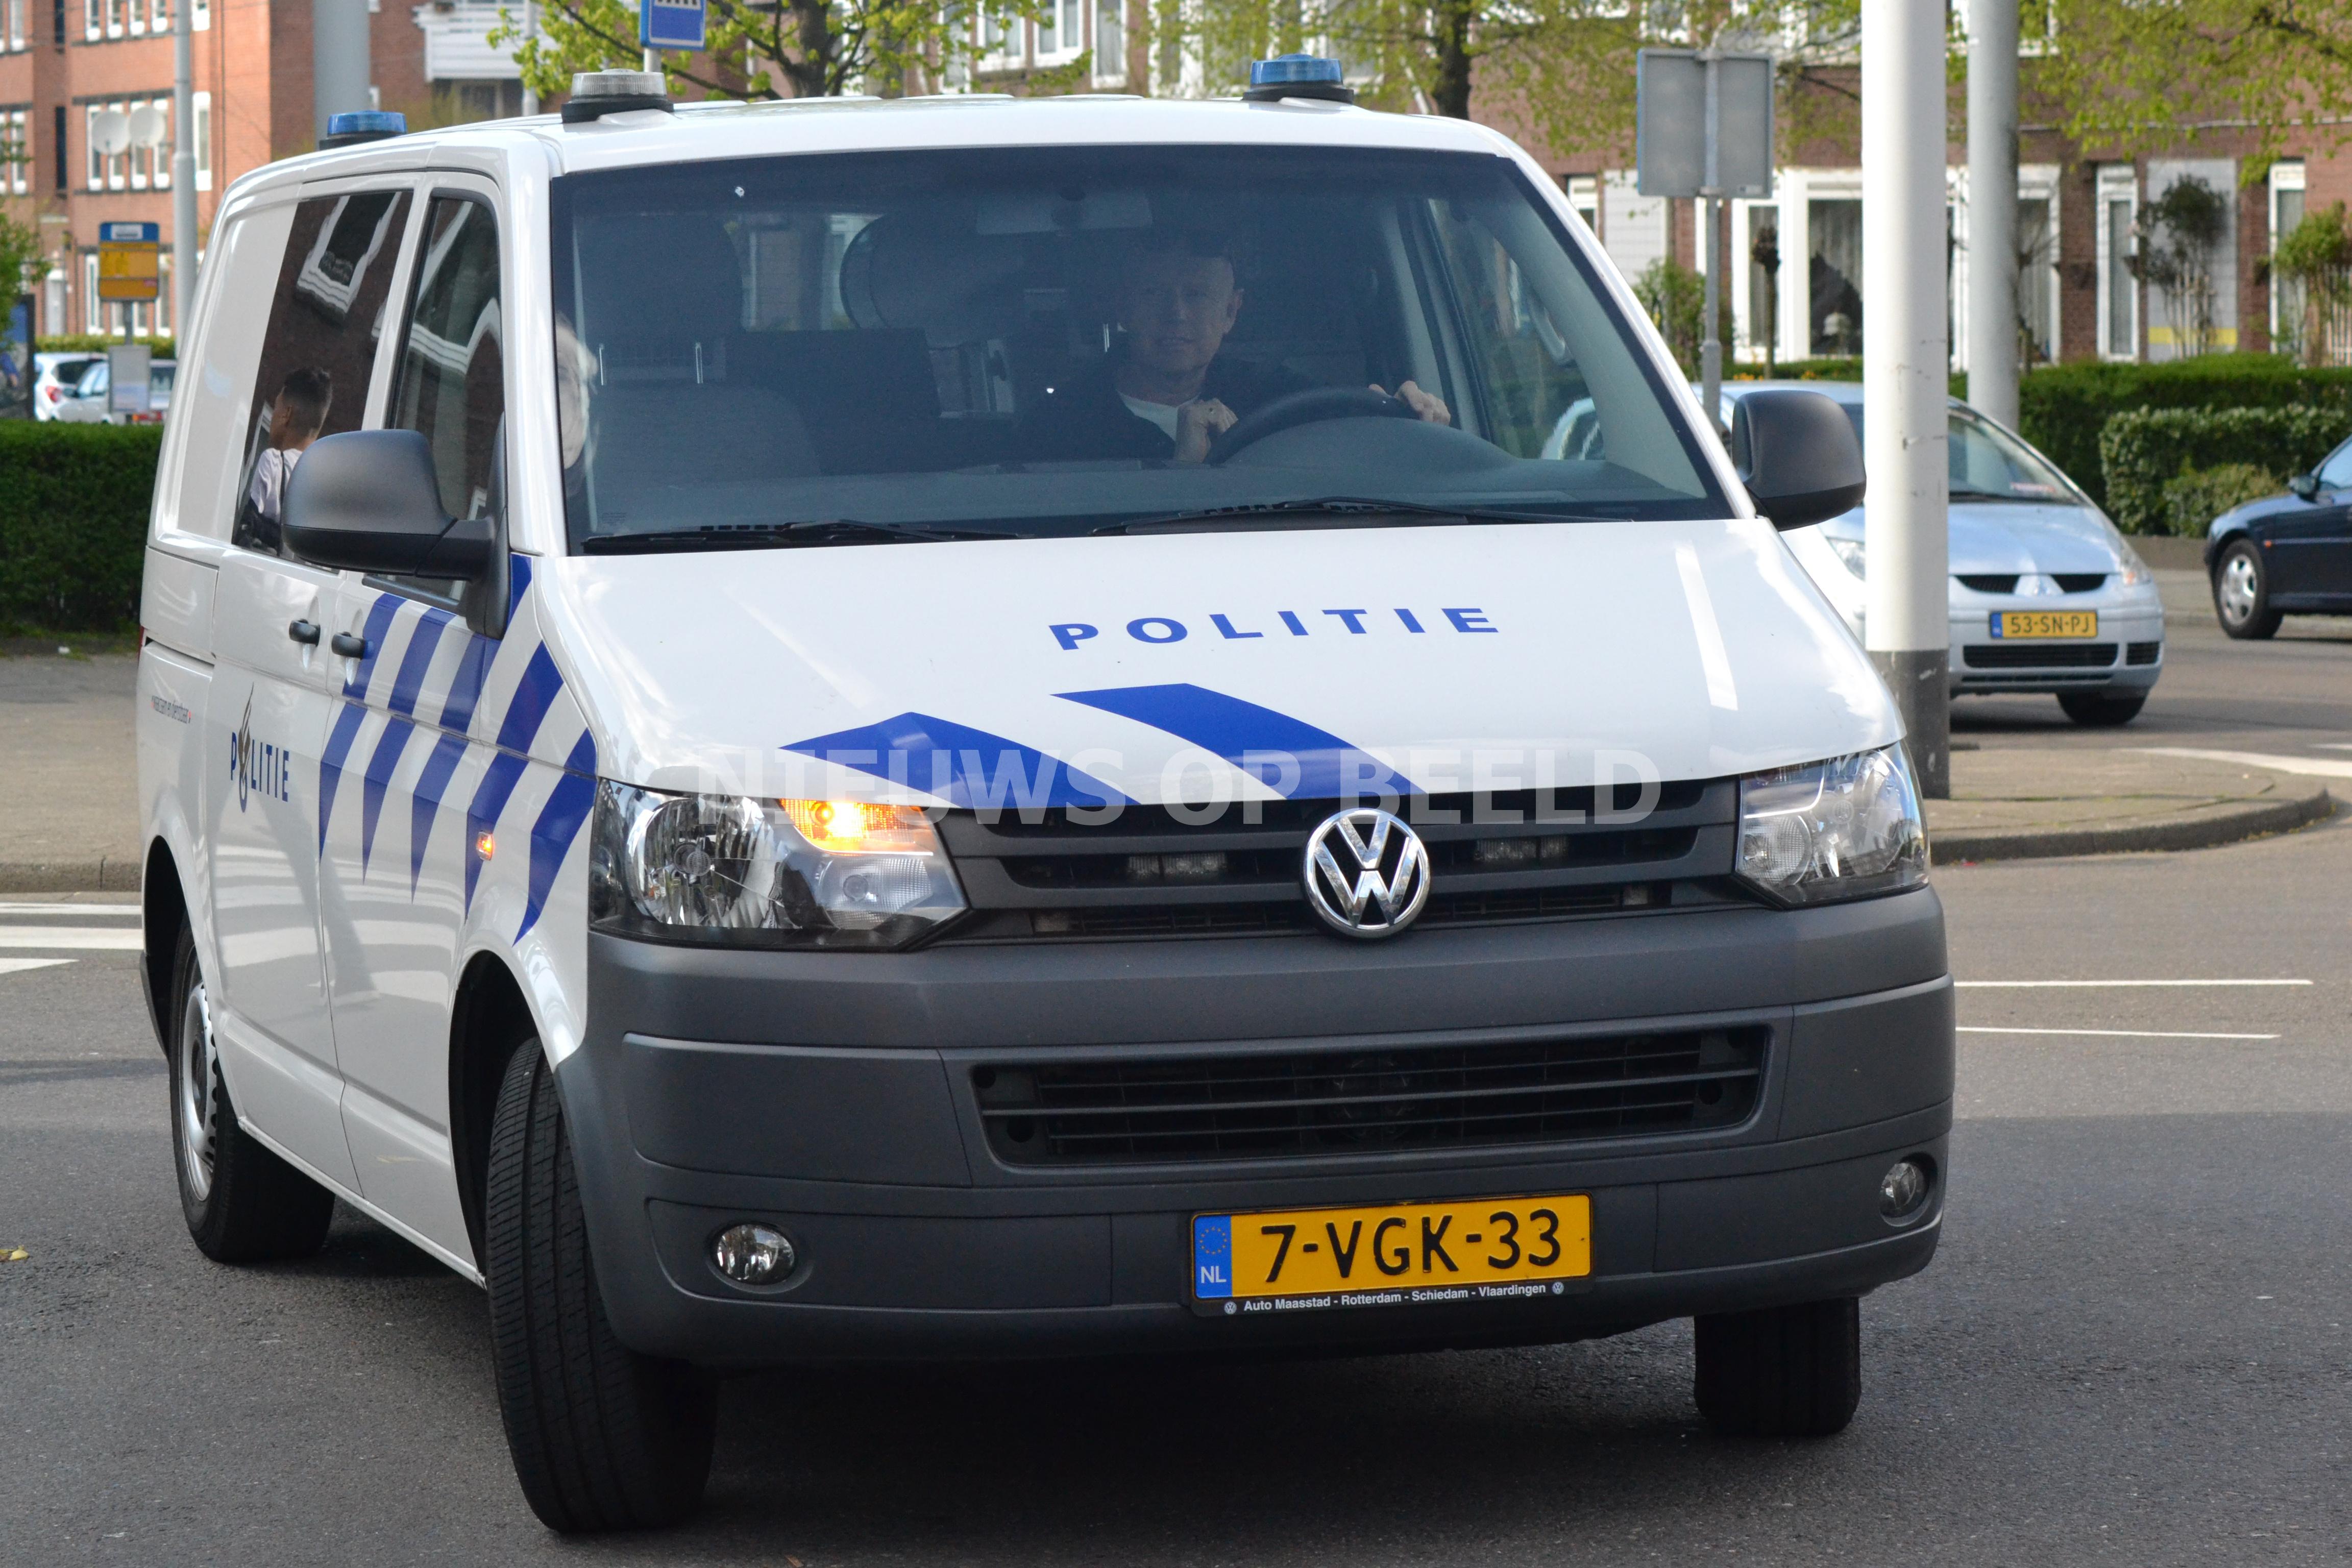 Dode aangetroffen op de Peppelhorst in Waddinxveen